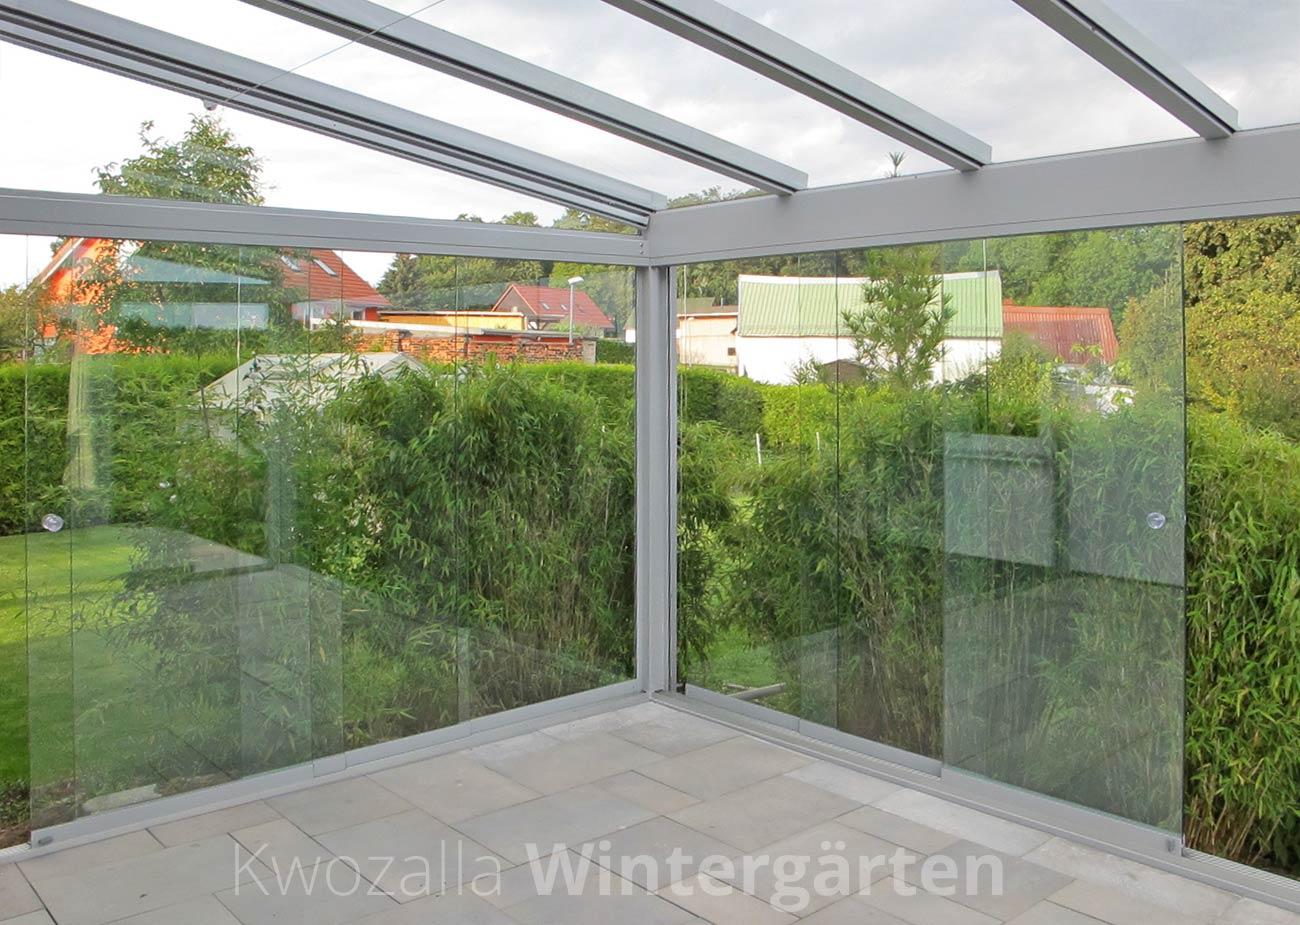 Windschutz - Verglasung der Terrassenüberdachung - Kwozalla ...